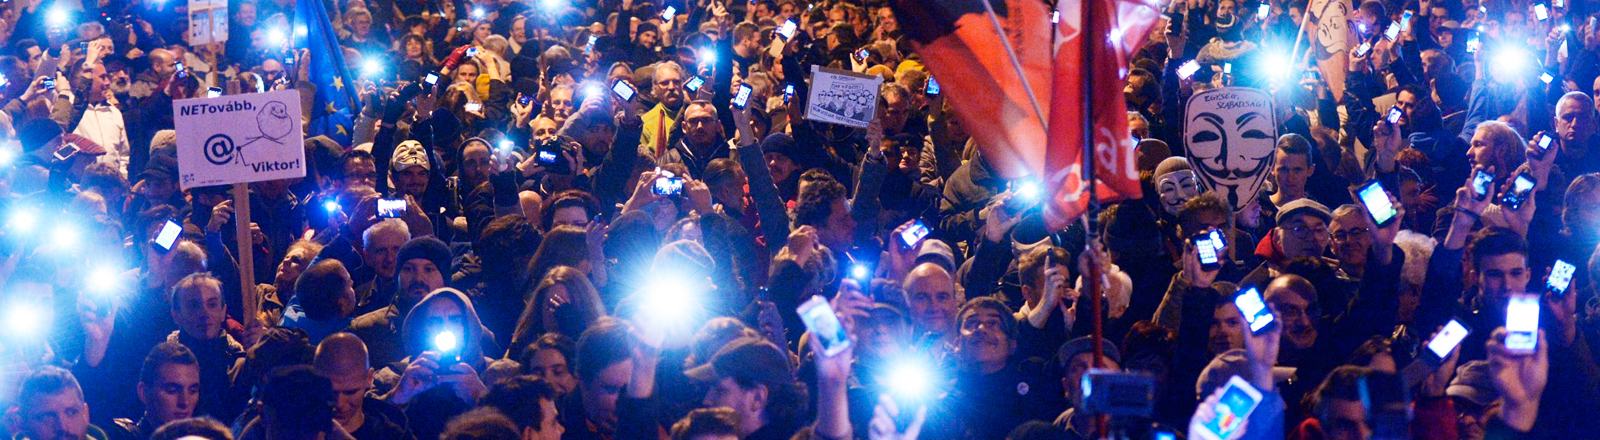 Menschen protestieren auf der Straße und halten ihr Handy in die Kamera